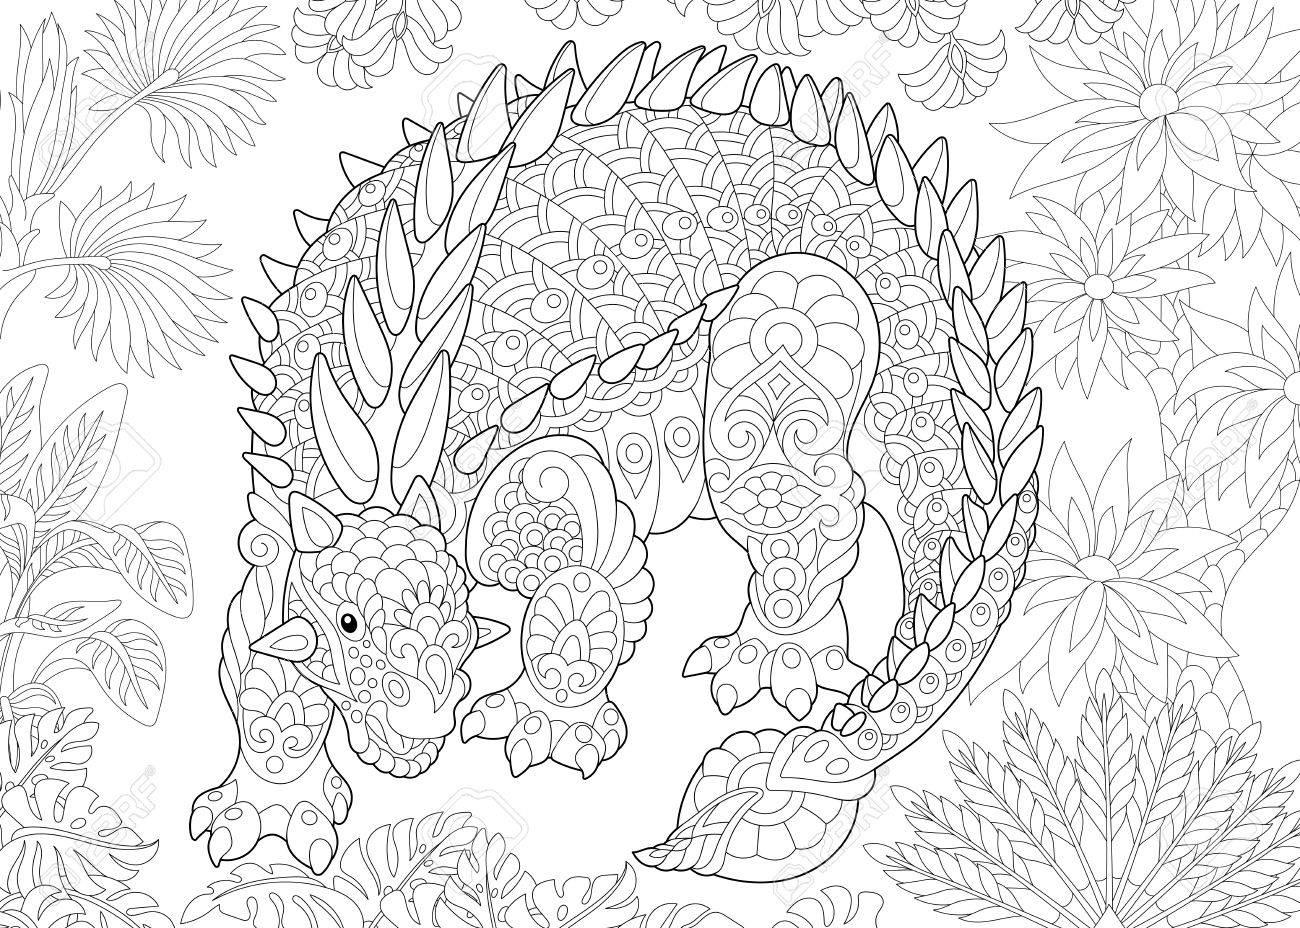 Dinosaurio Anquilosaurio Estilizado Del Período Cretácico. Dibujo A ...